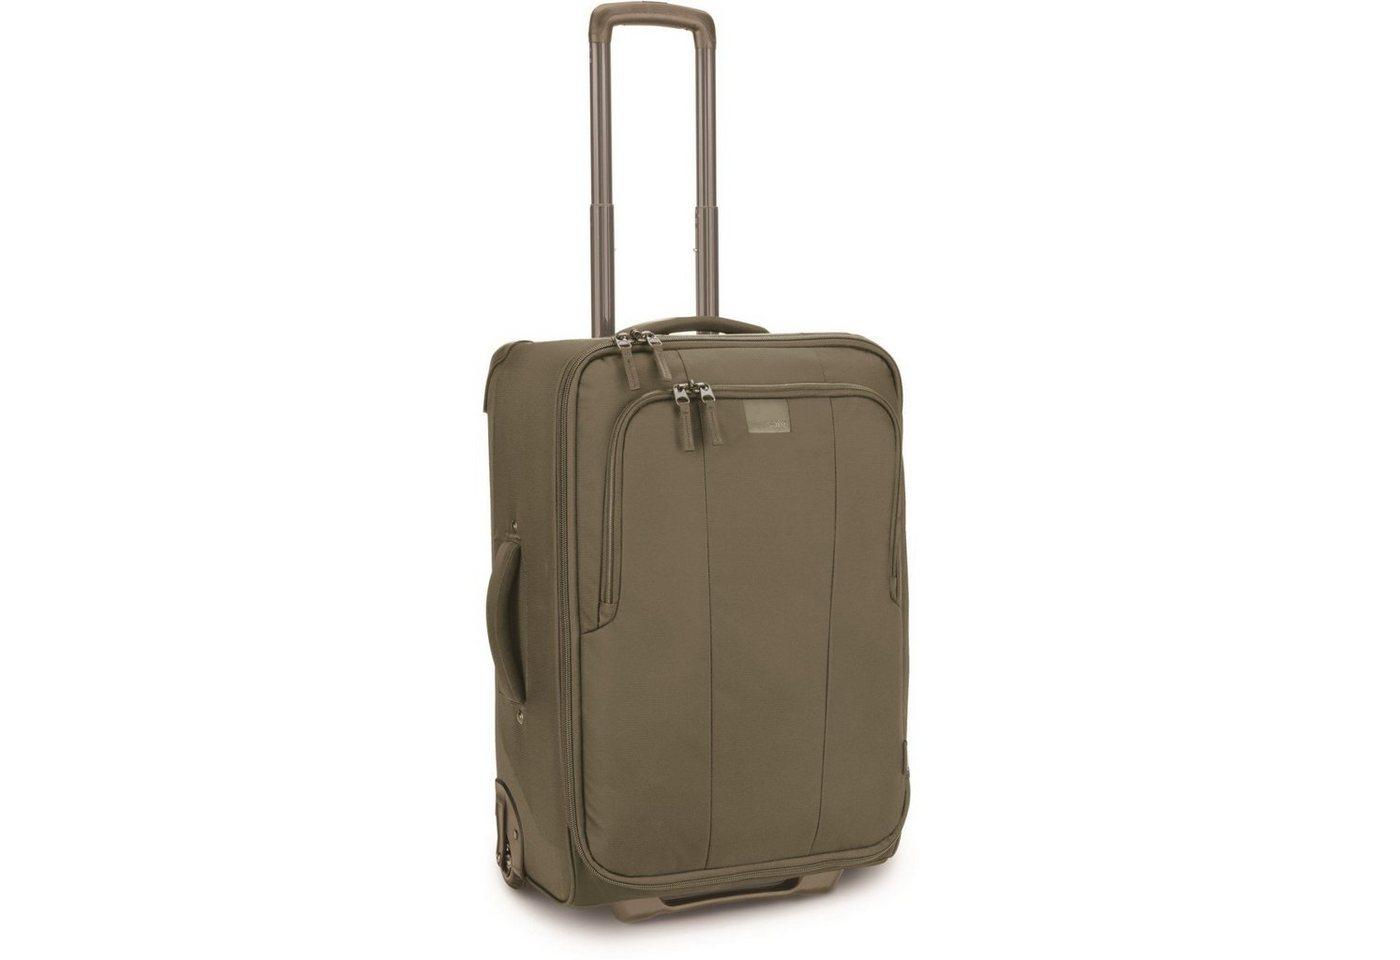 Pacsafe Toursafe LS25 2-Rollen Trolley 64 cm   Taschen > Koffer & Trolleys > Trolleys   Grün   Pacsafe